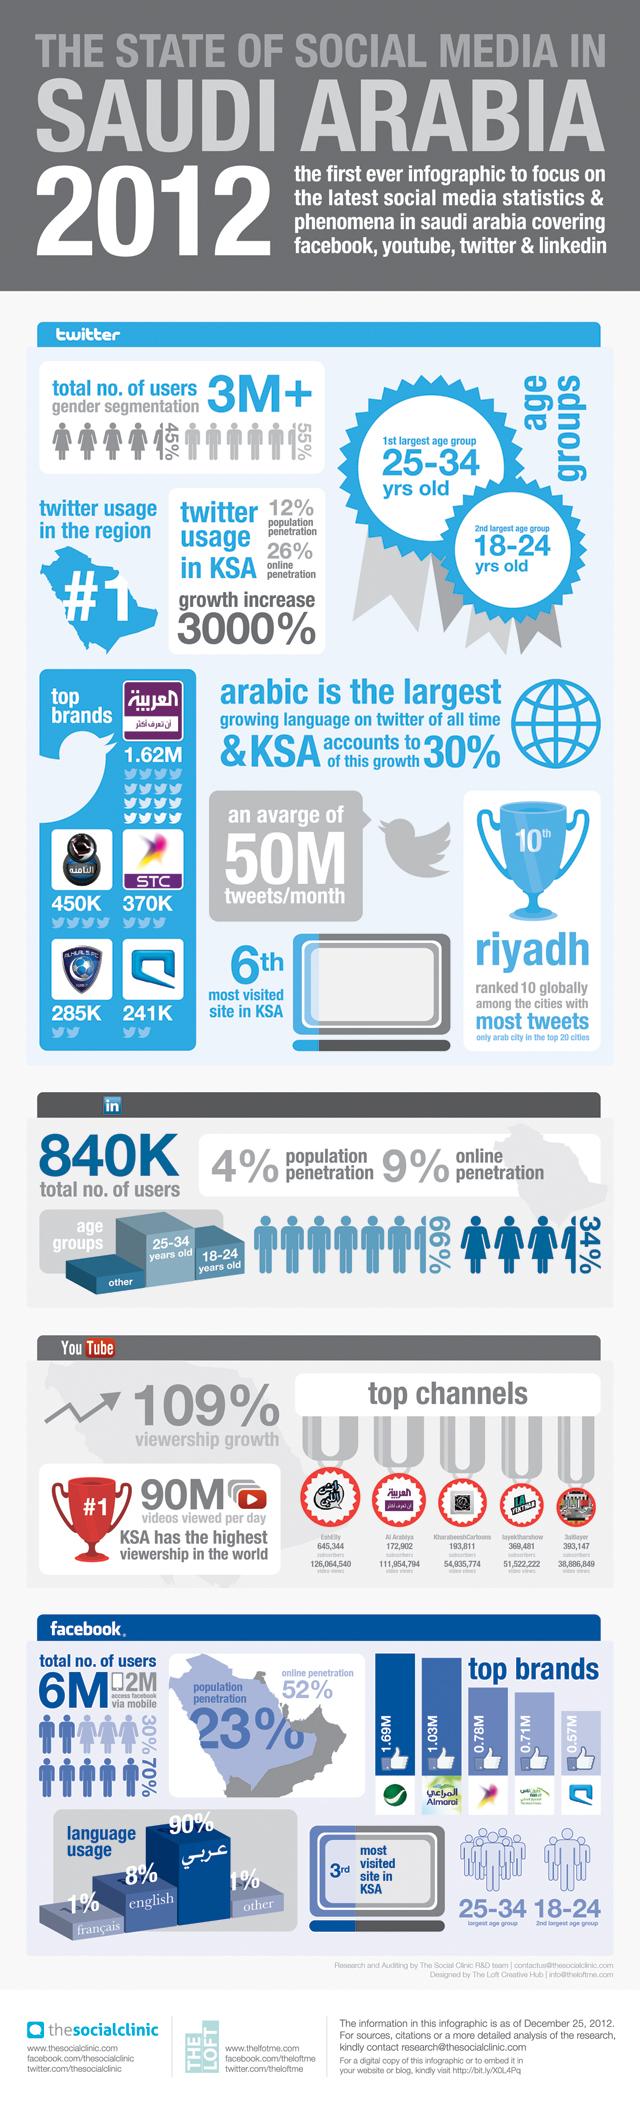 state of social media in ksa 2012